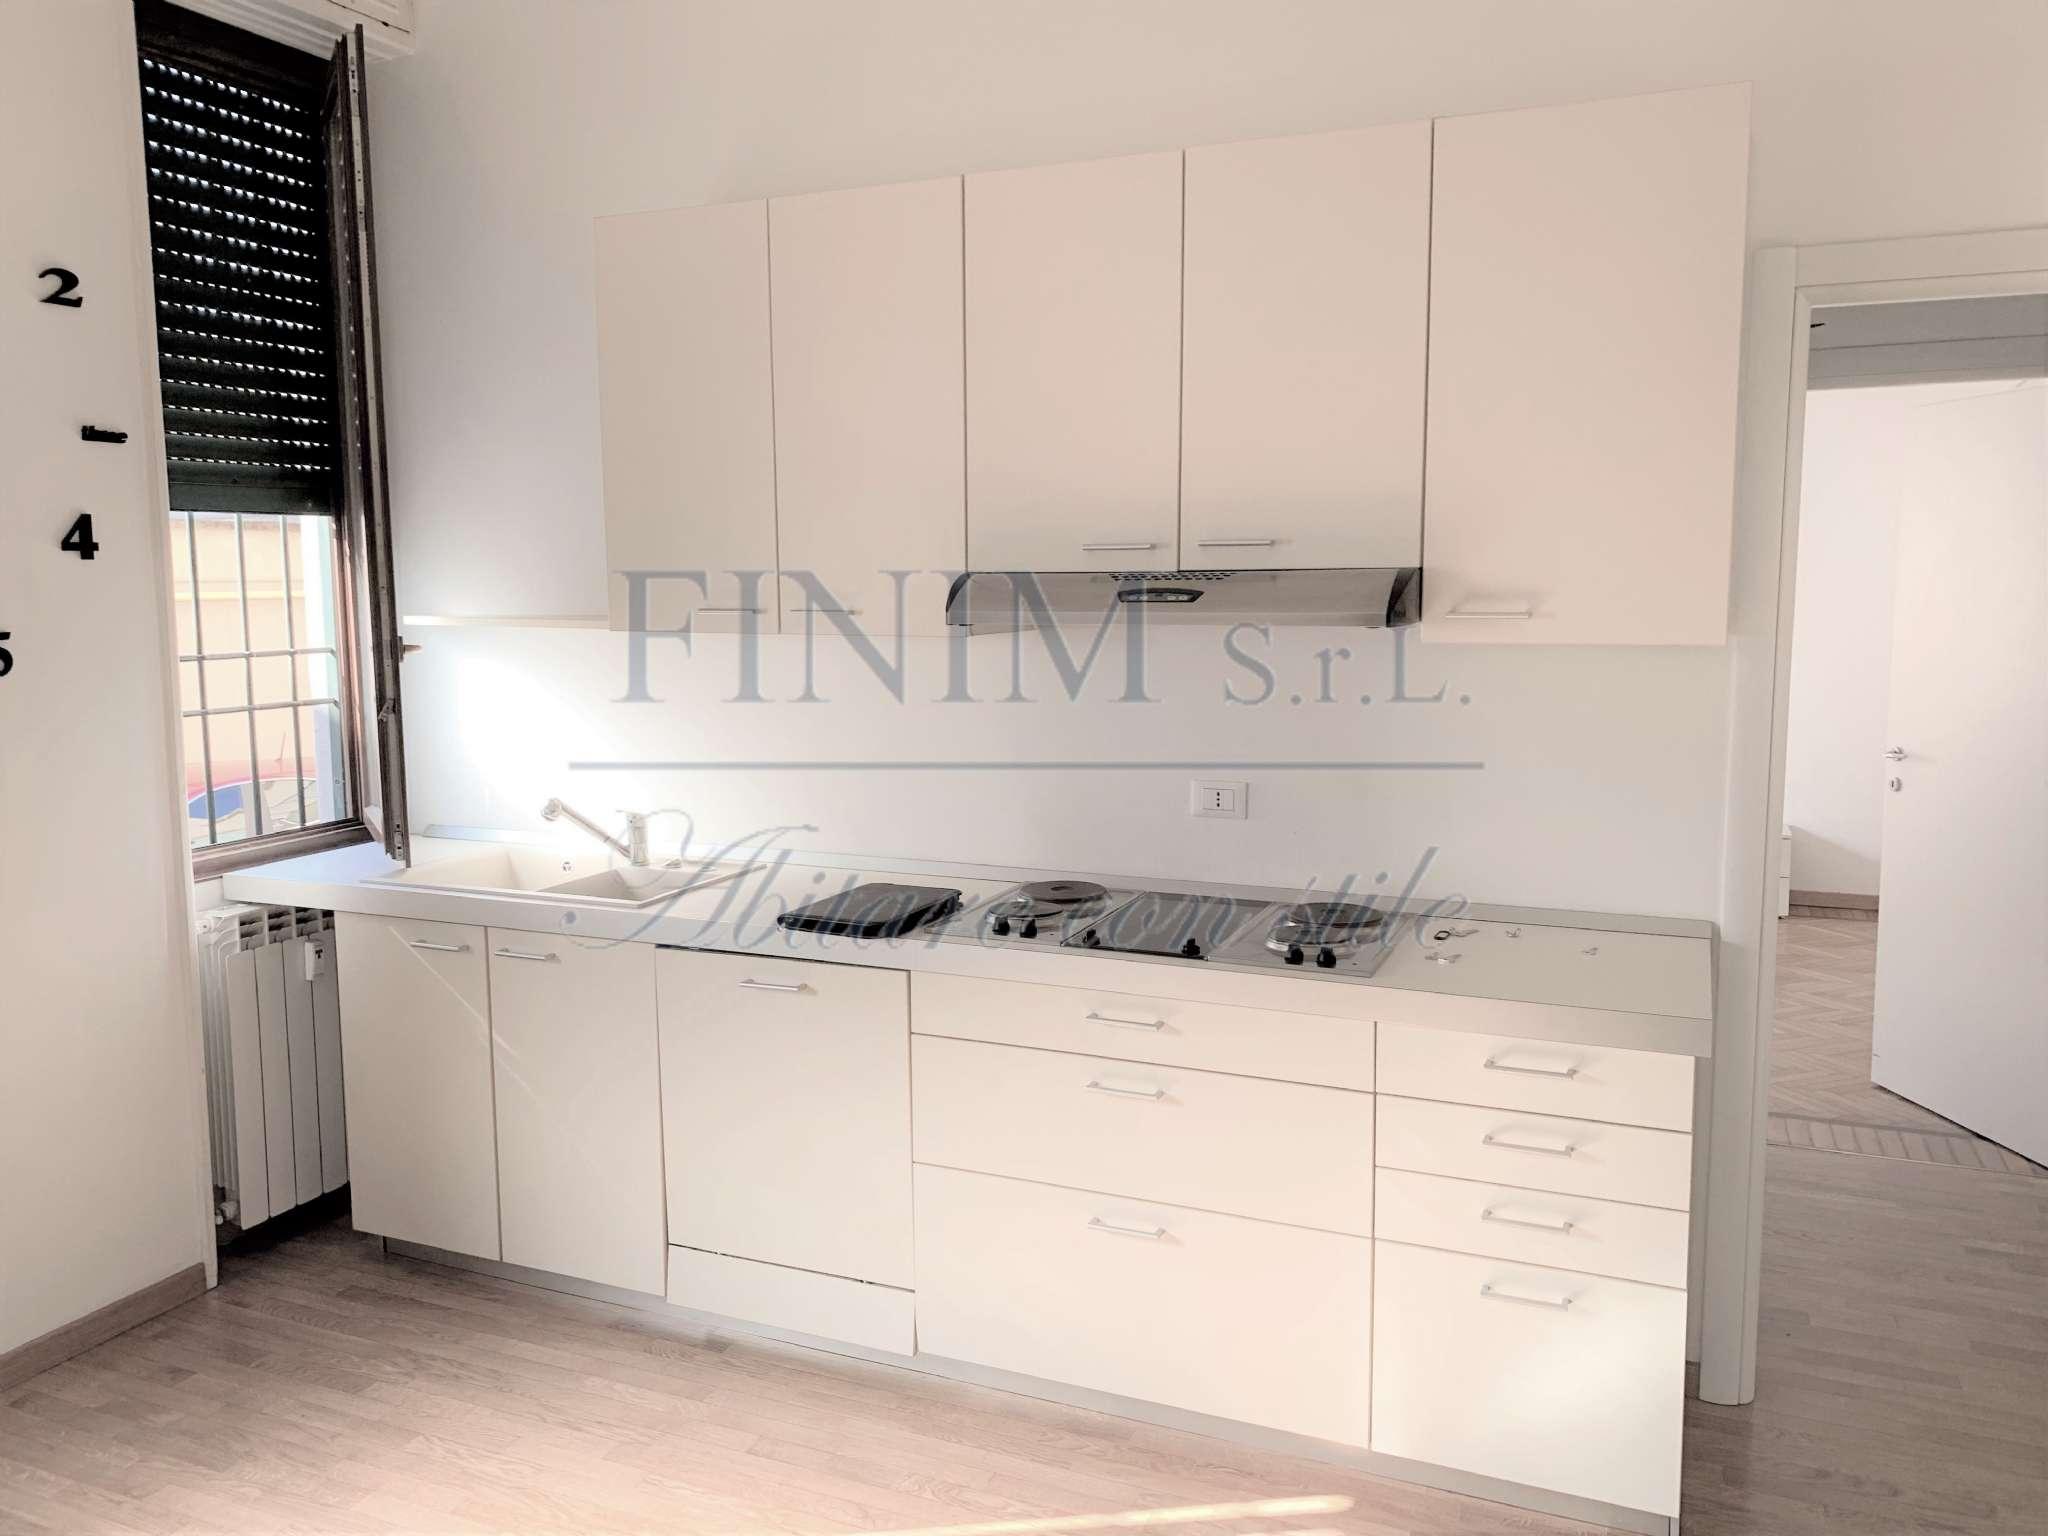 Appartamento in Affitto a Milano 29 Certosa / Bovisa / Dergano / Maciachini / Istria / Testi: 2 locali, 50 mq